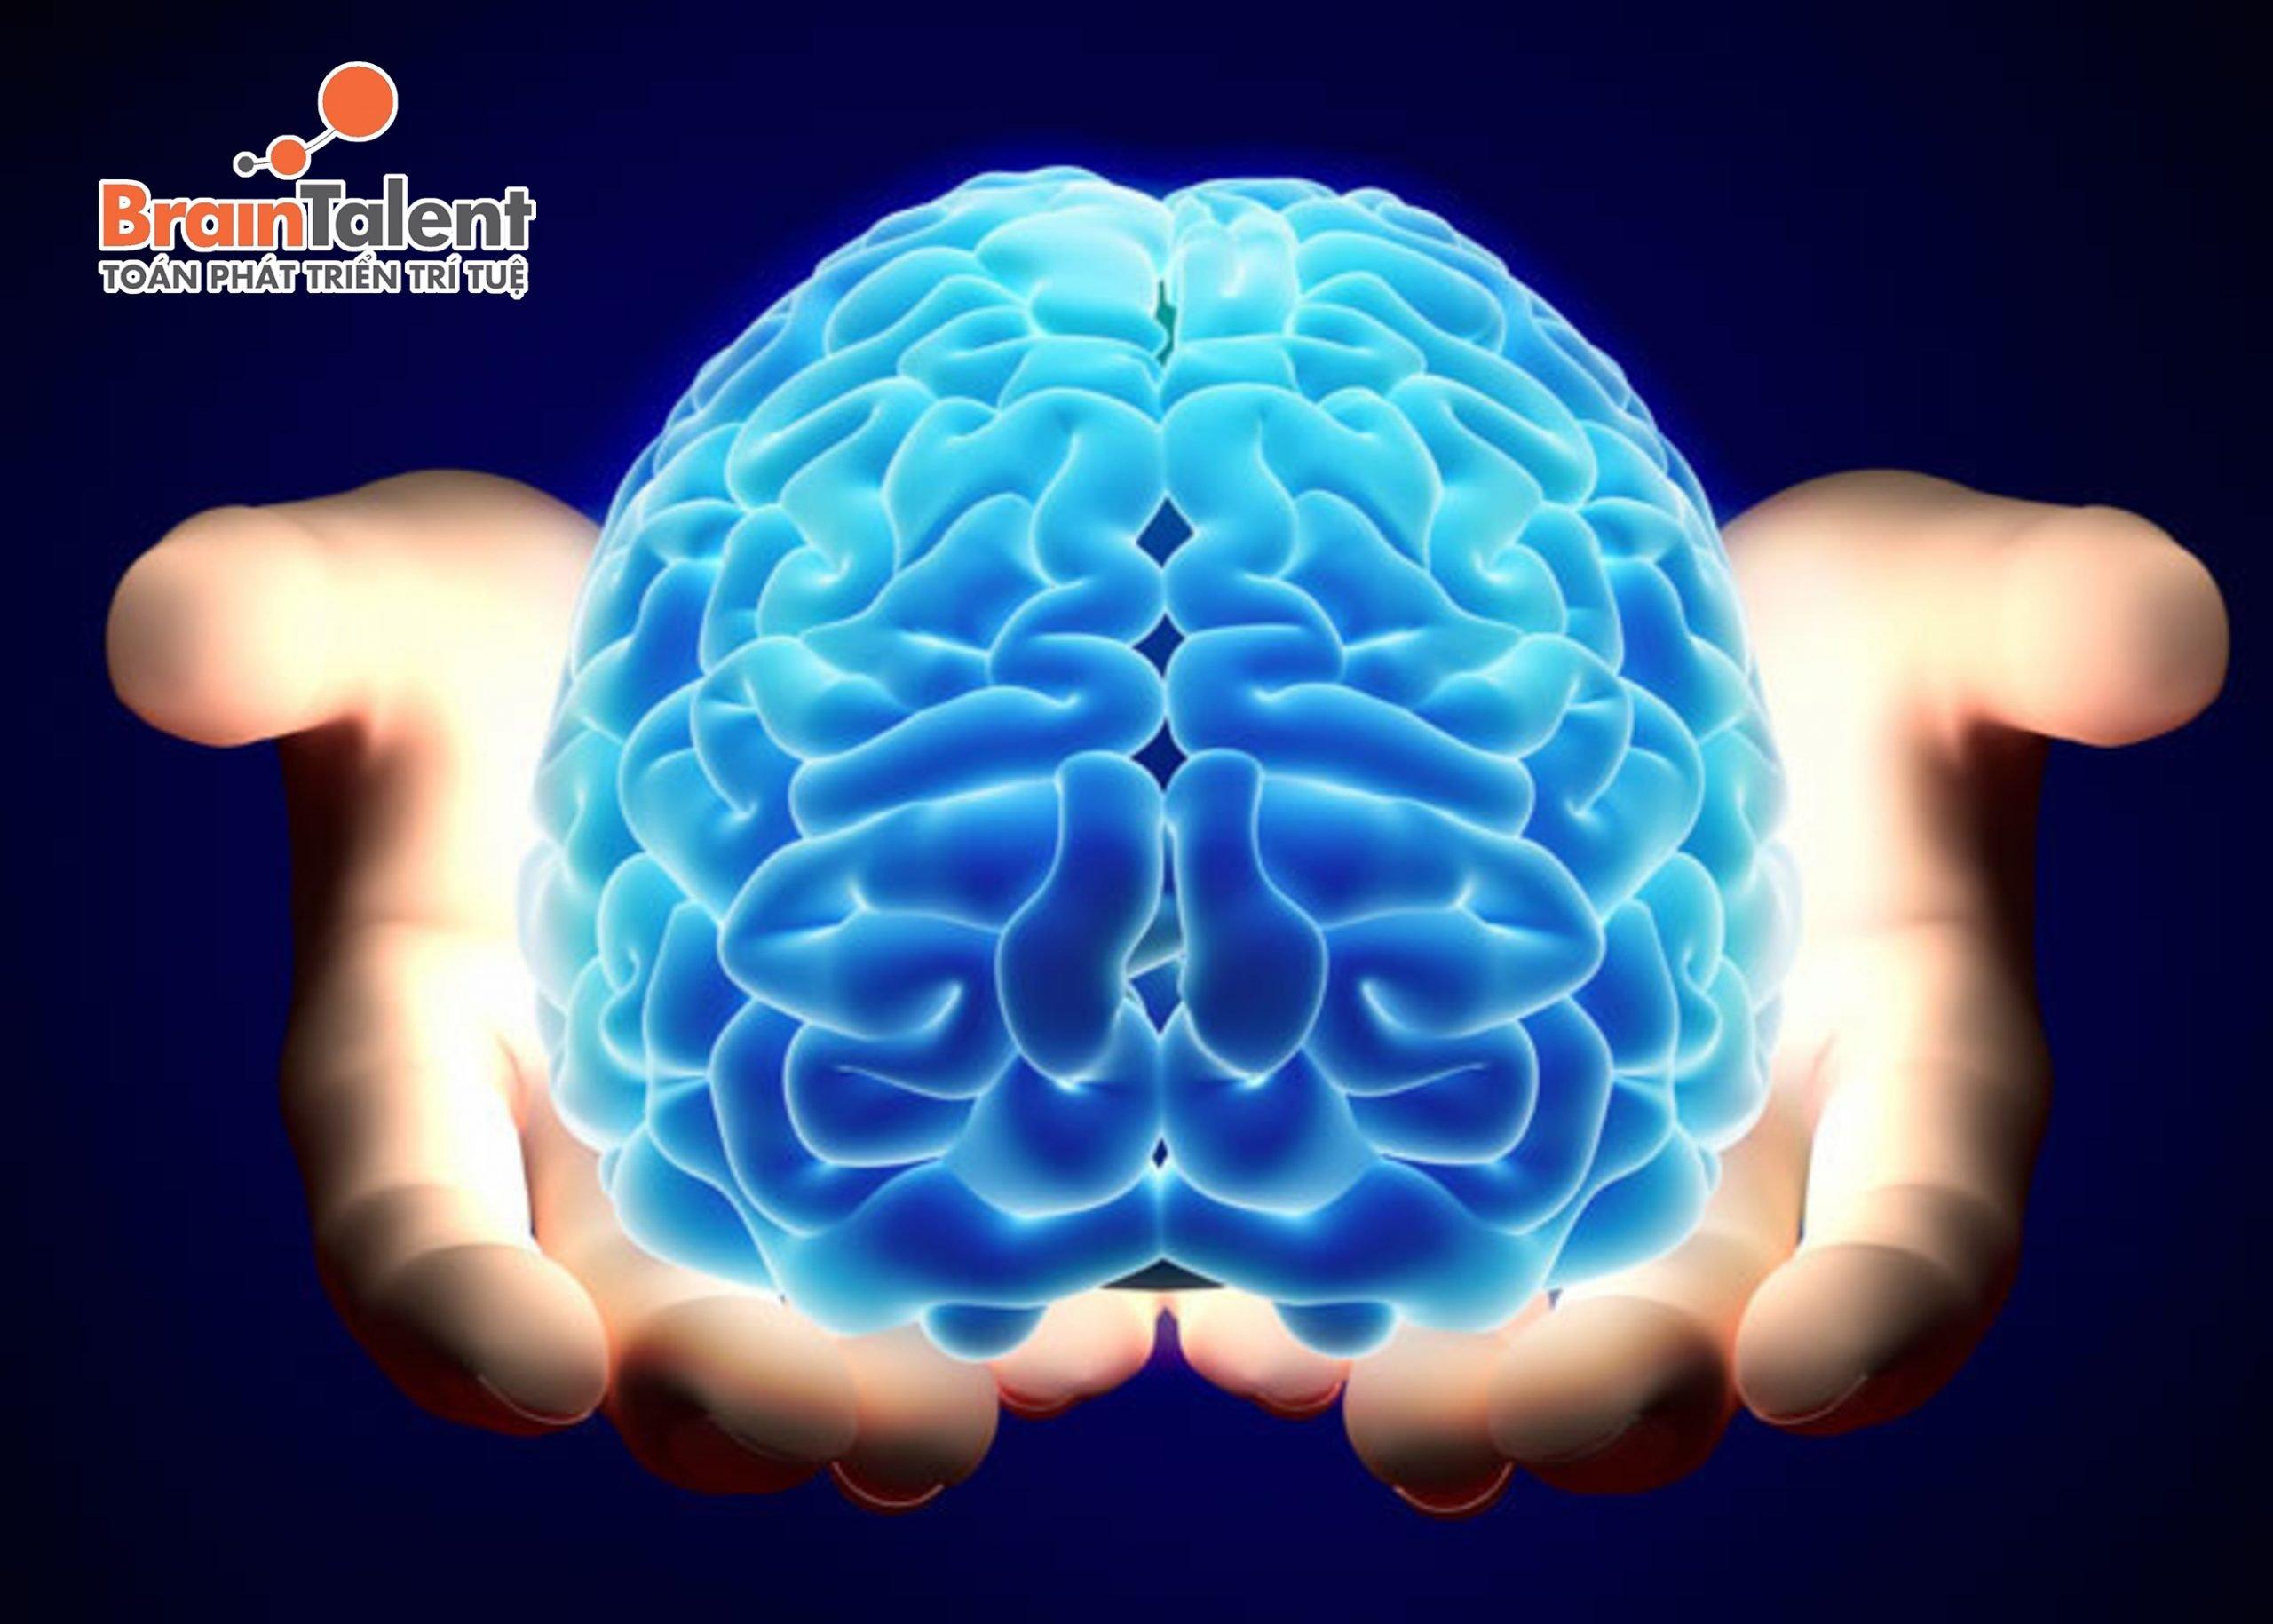 Mỗi bên bán cầu não đều có chức năng riêng, song chúng luôn hỗ trợ lẫn nhau trong quá trình hoạt động.